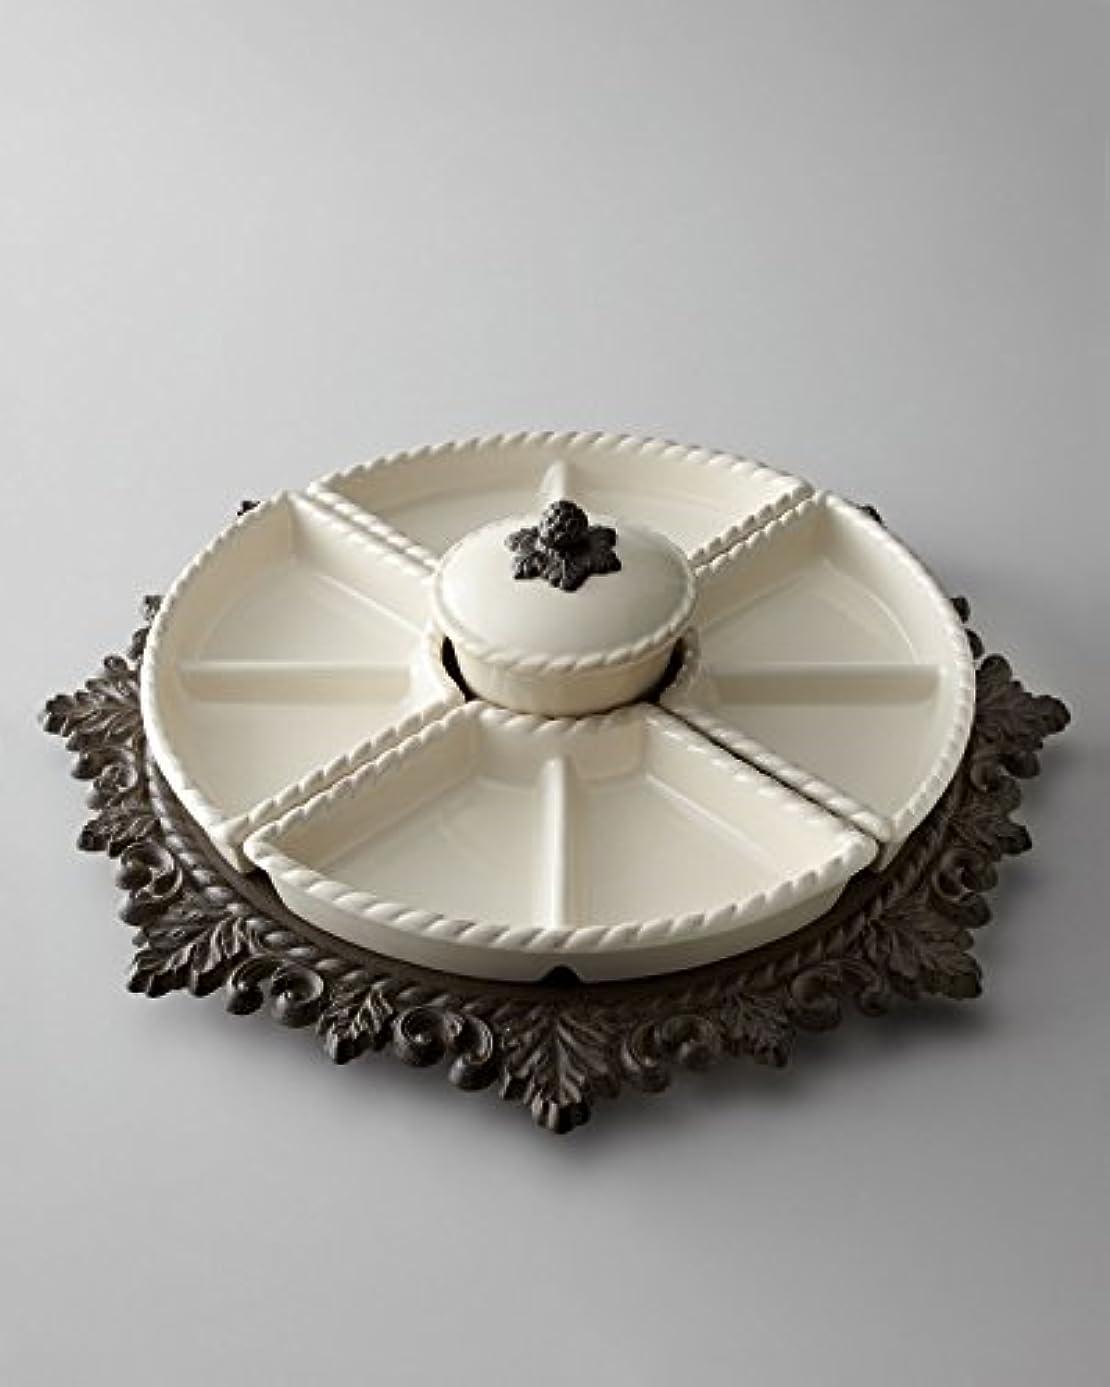 Ceramic Lazy Susan Crudite and Metal Base